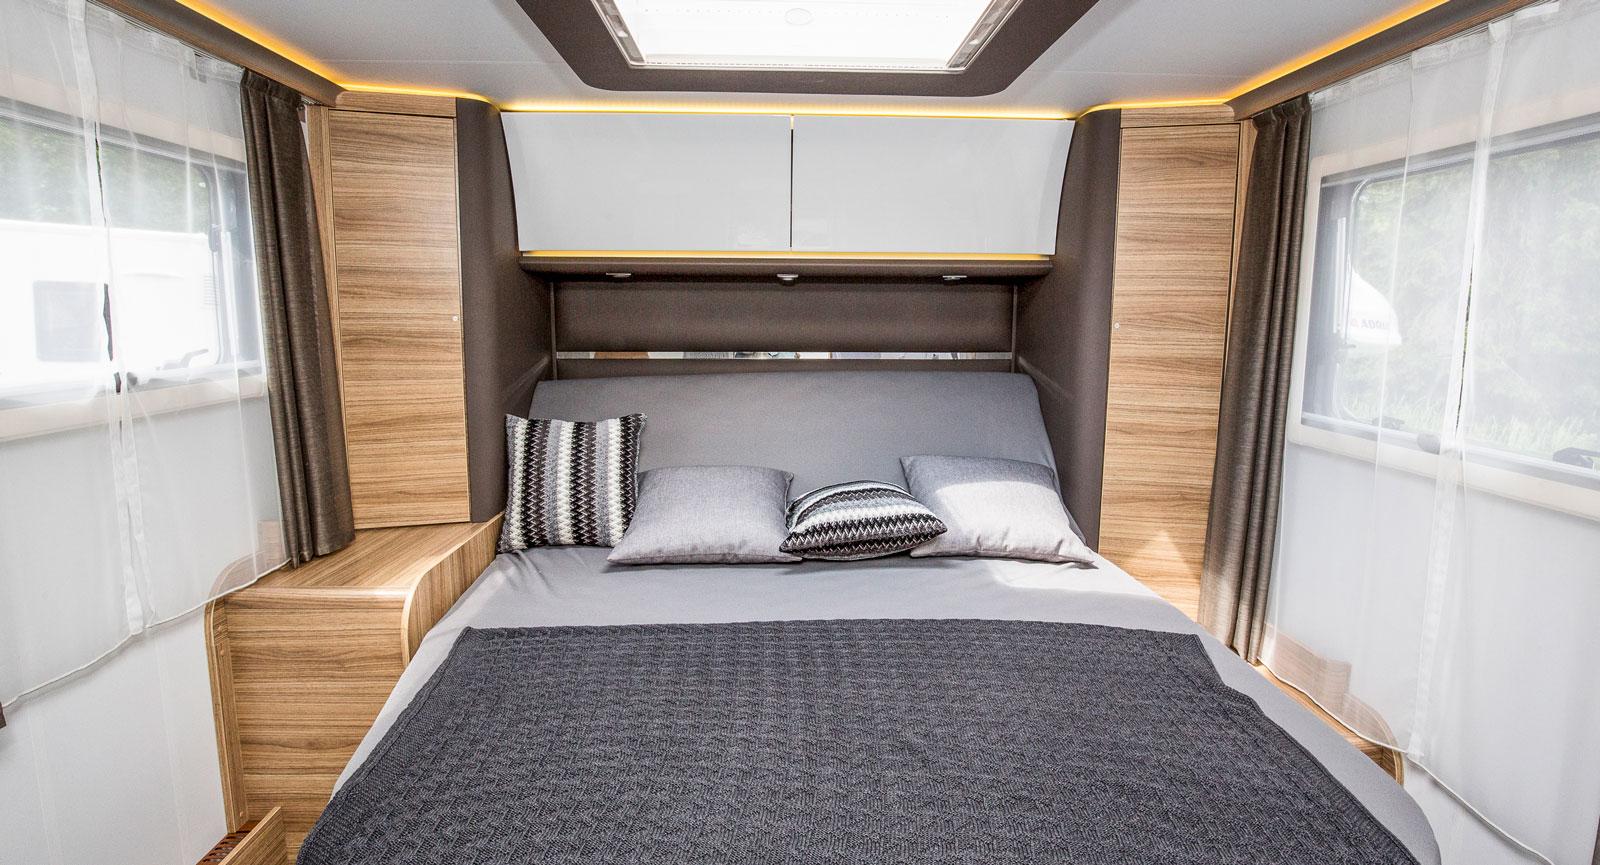 Stiligt och elegant med LED belysning och släta ytor. Precis som i Adrias finaste husvagnar Alpina är överskåpen välvda pch vita. I sovrummet är det ljust, mycket tack vare de stora fönstren.